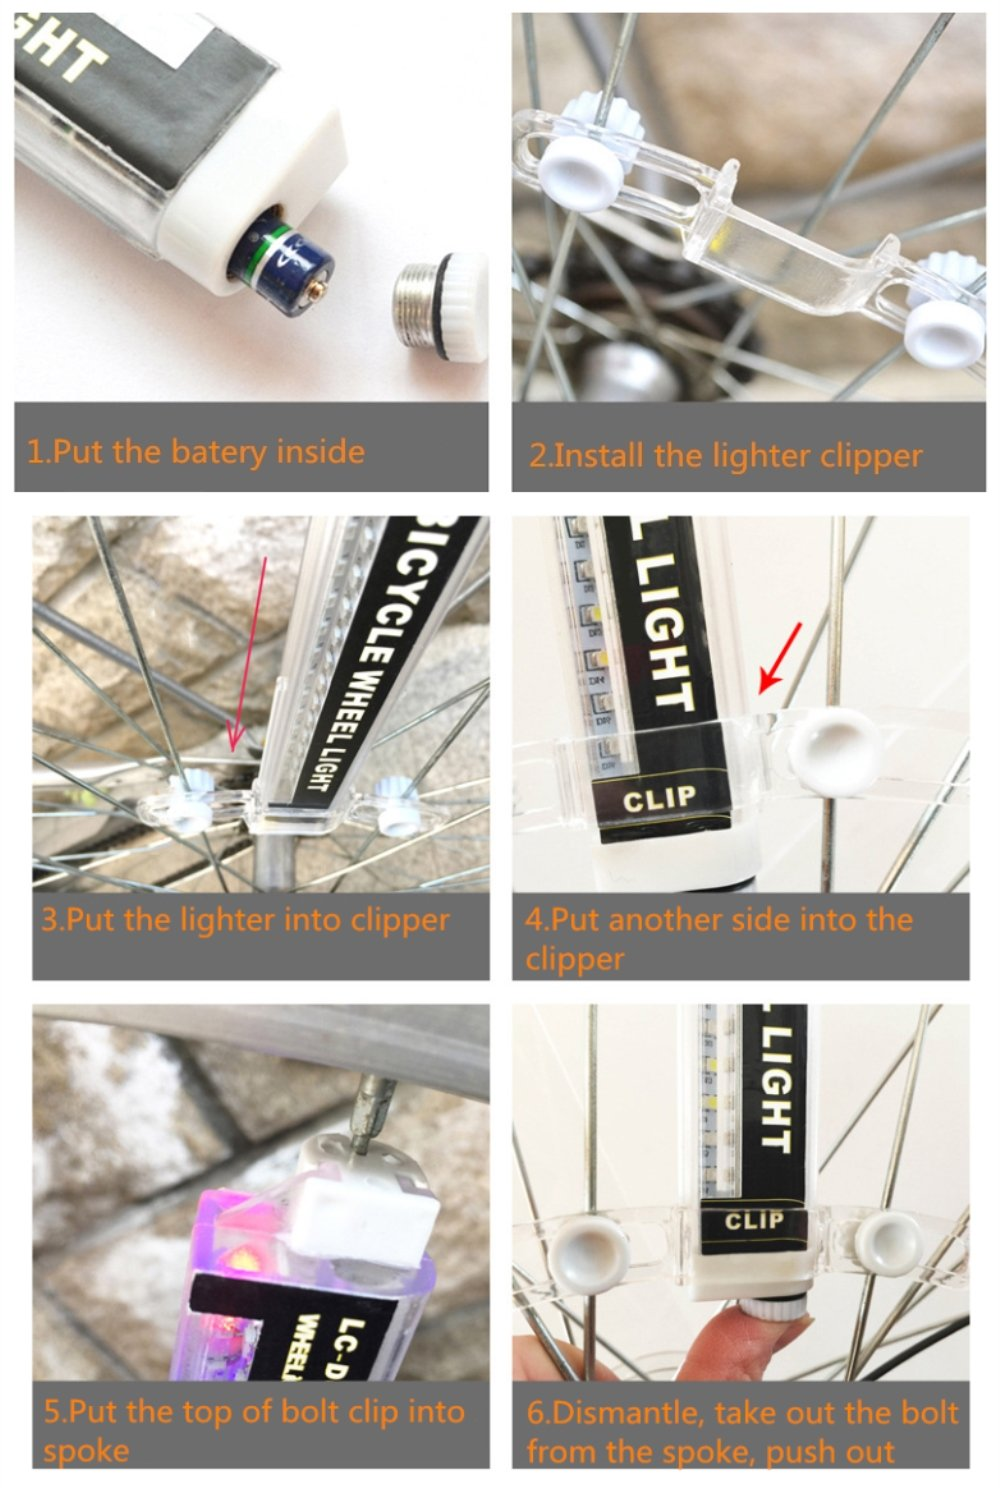 LED Bicycle Wheel Light 42 Styles Bike Spoke Lights Night Rider Decoration Safety & Warning by BuryTony (Image #3)